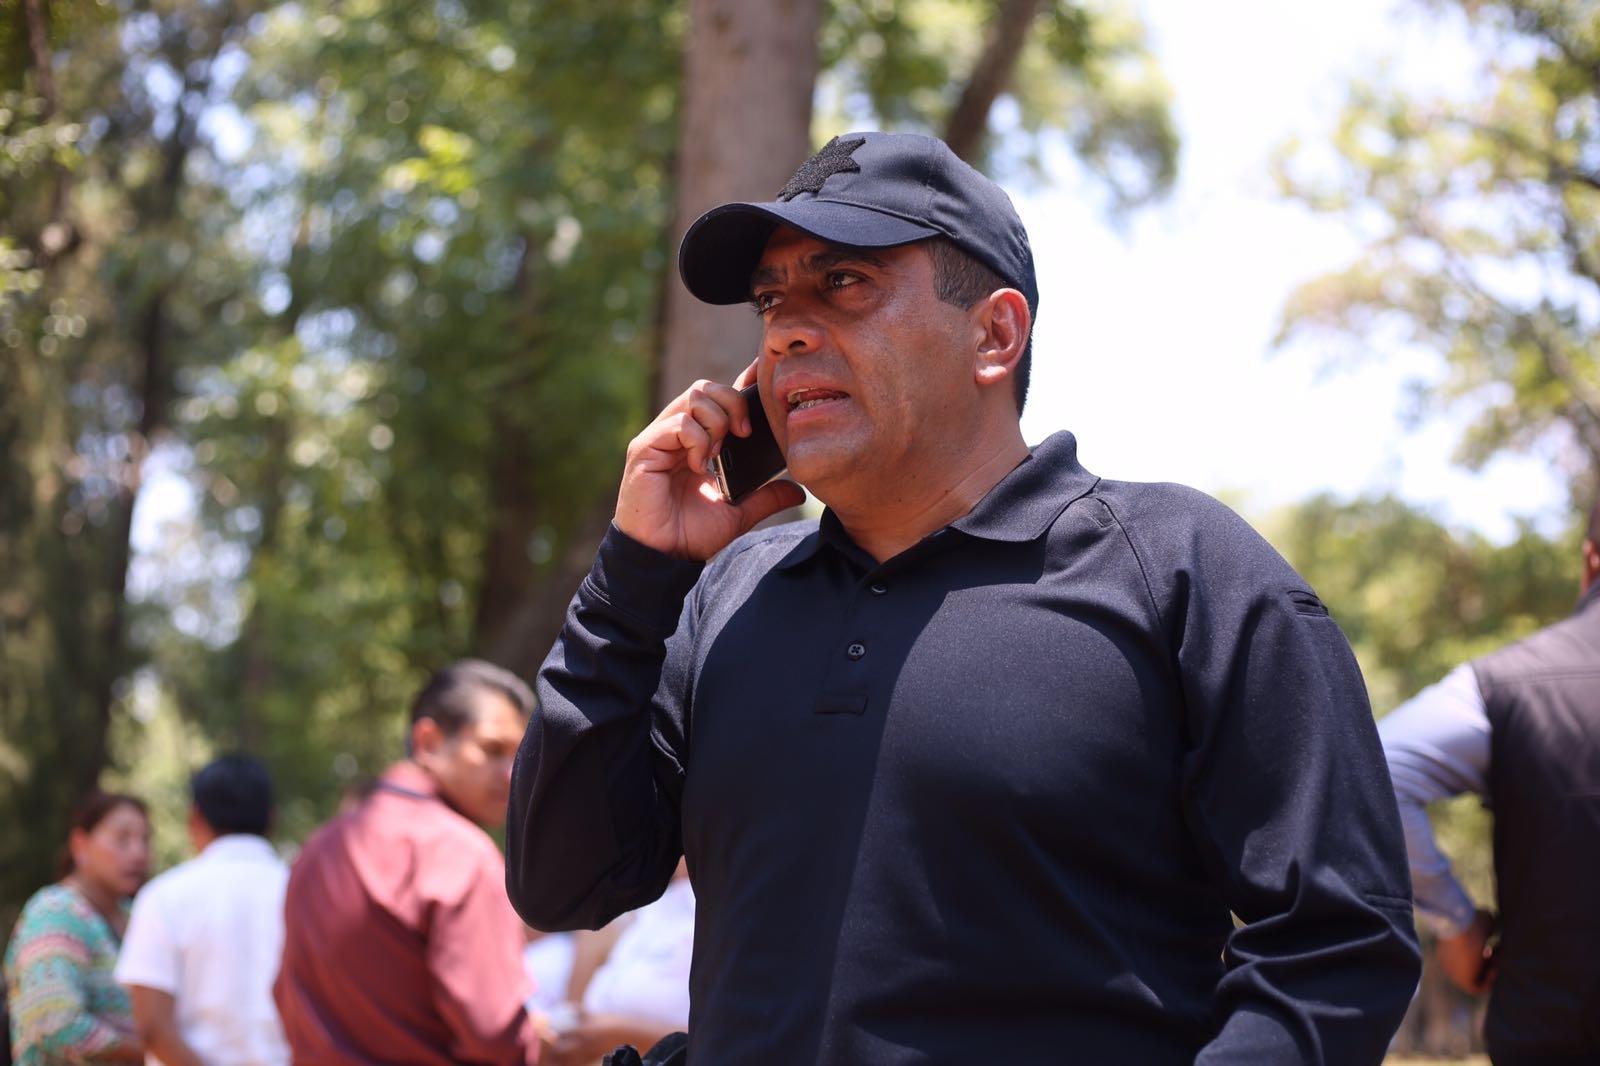 Subsecretario de Seguridad de Michoacán, separado del cargo por supuesta tortura en caso Auyotzinapa